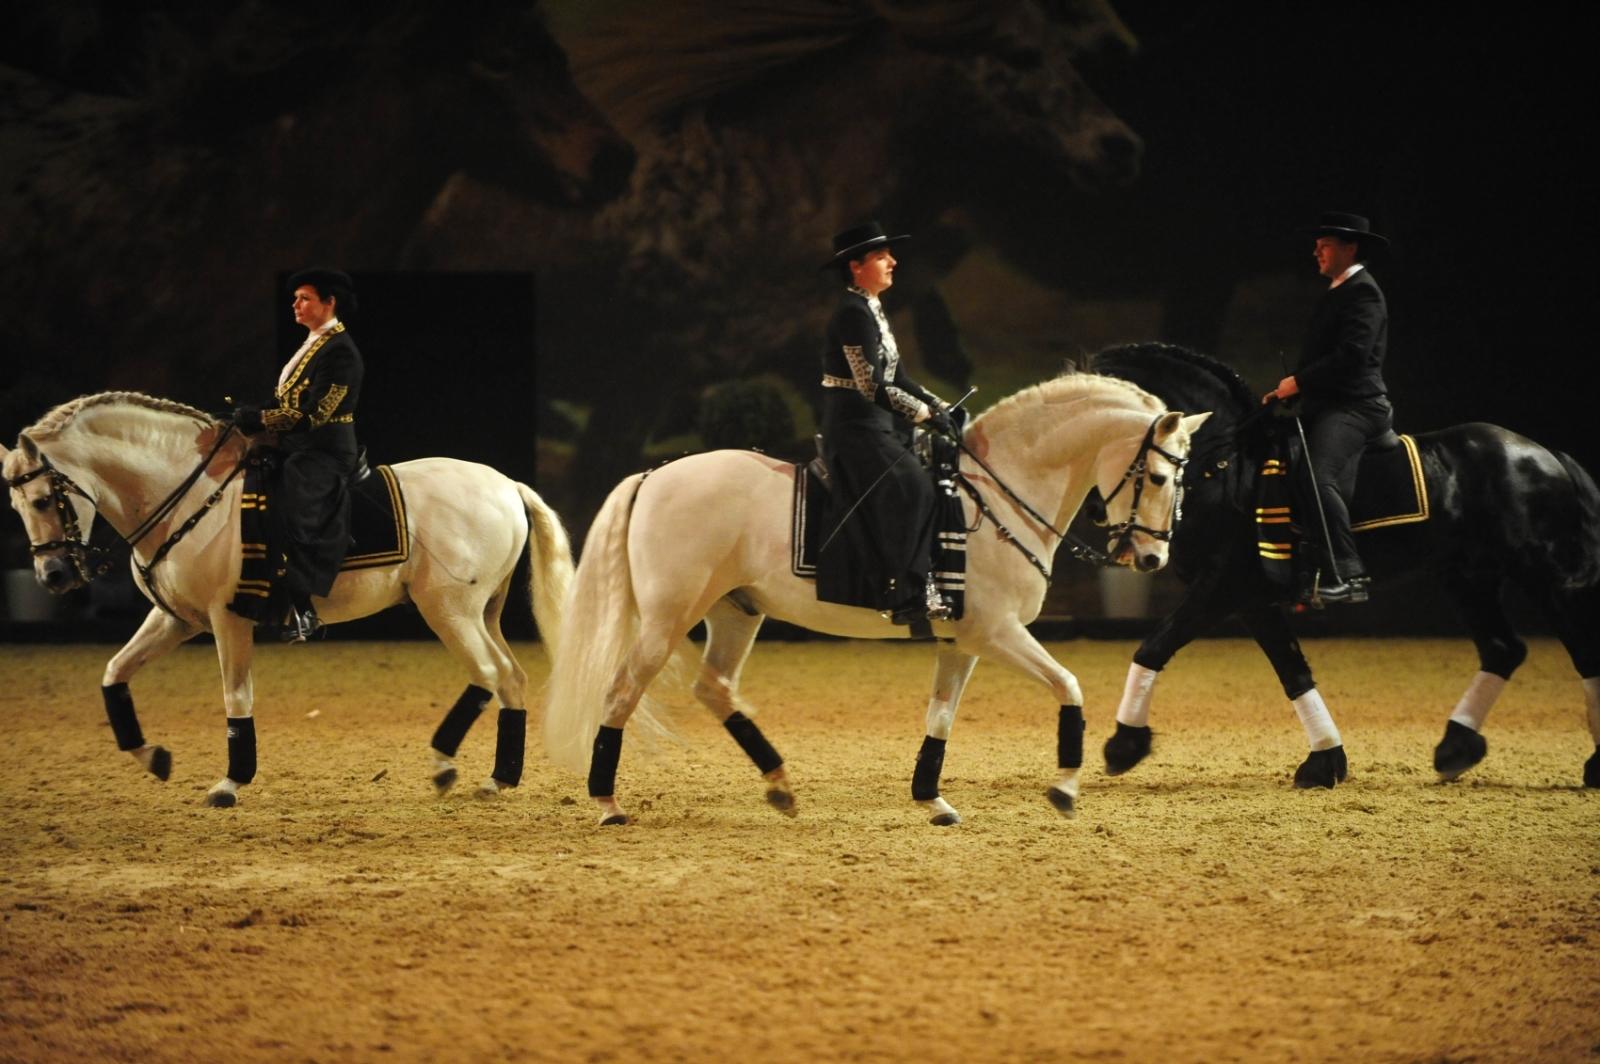 Manège Baroque auf der Pferd&Jagd